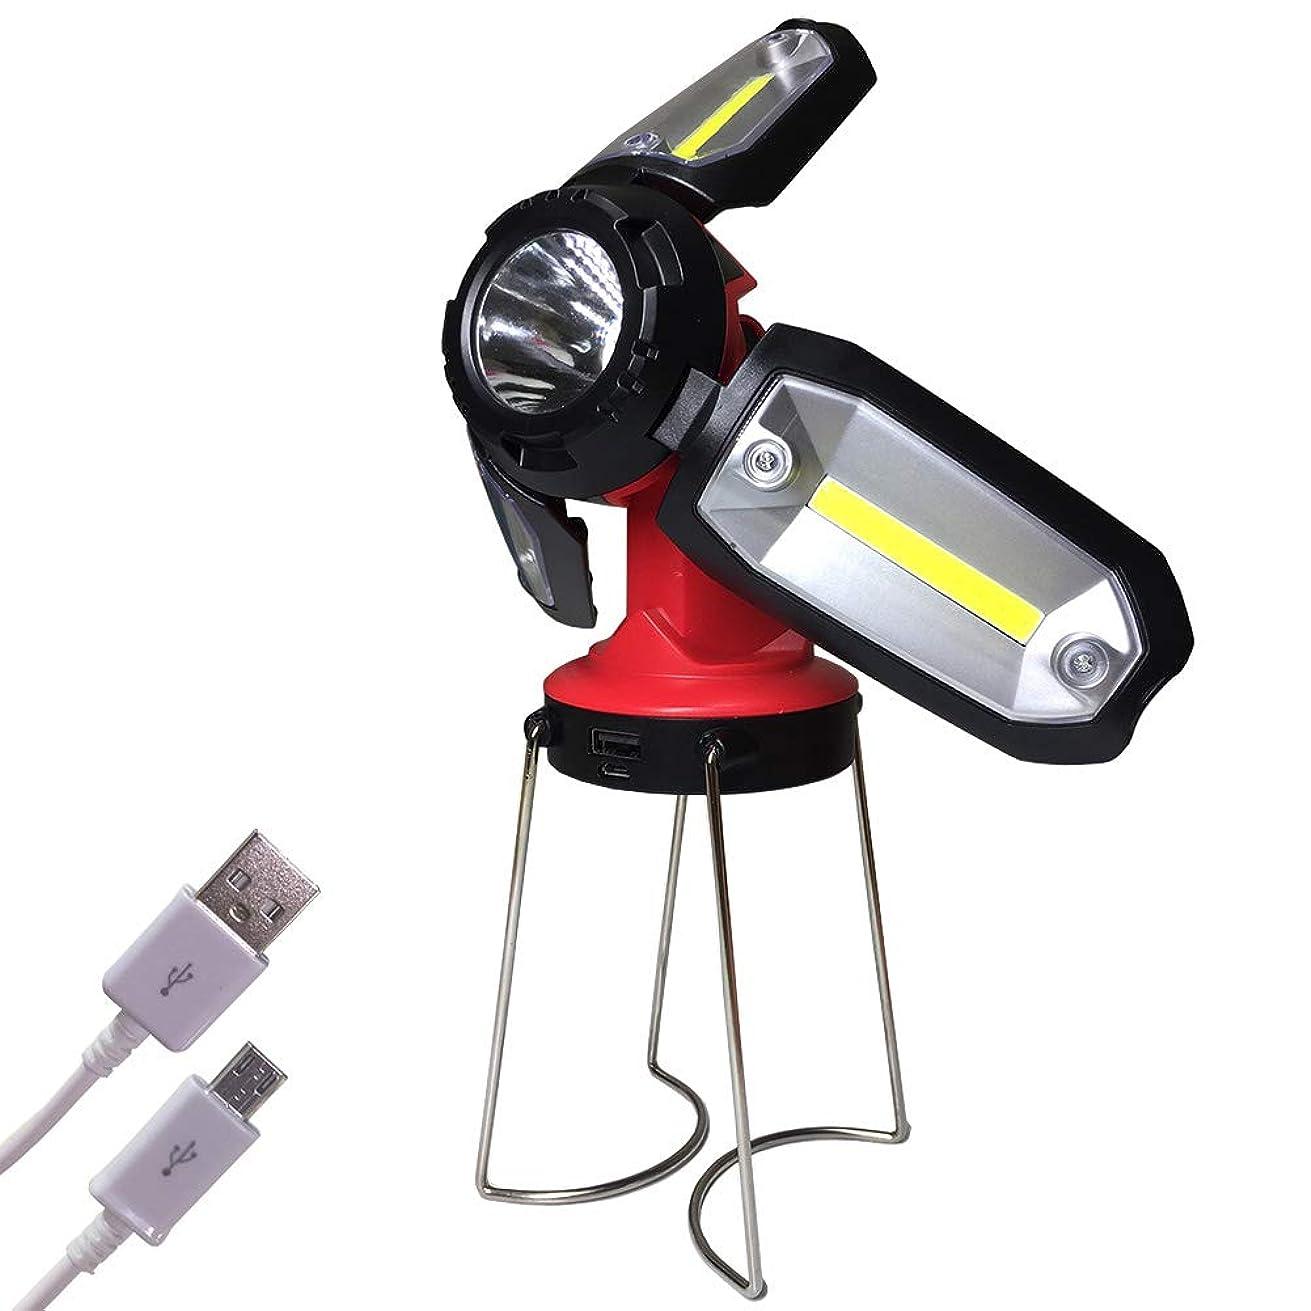 抵抗ルネッサンス前文LEDランタン 懐中電灯 COB LED作業灯 USB充電式 18650電池 2200mA 折畳み 五面点灯 高輝度 多角度 防水 日本語取扱説明書